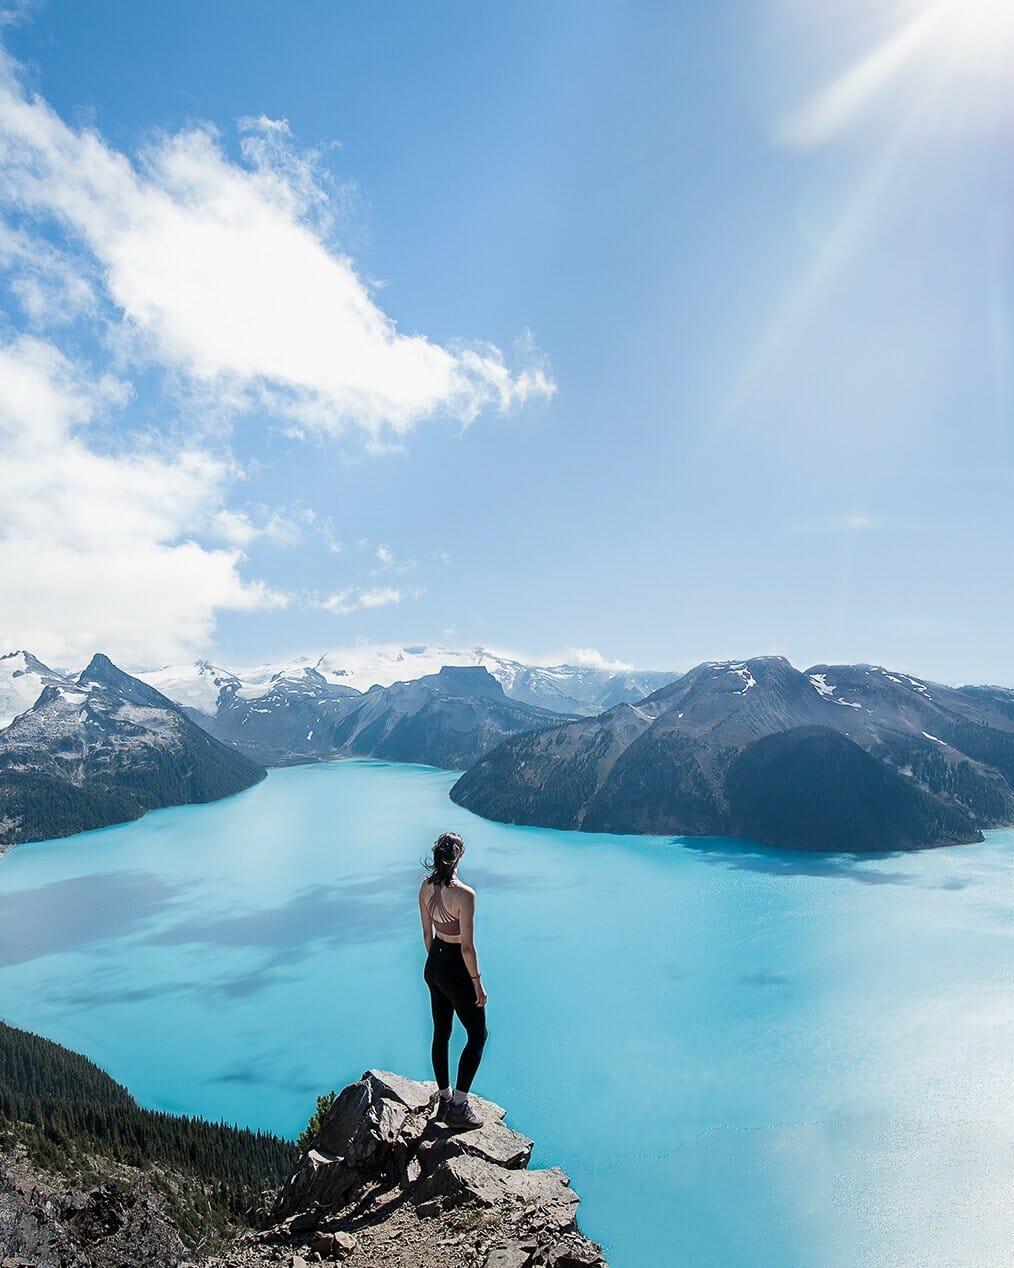 Things to do in Squamish - Panorama Ridge